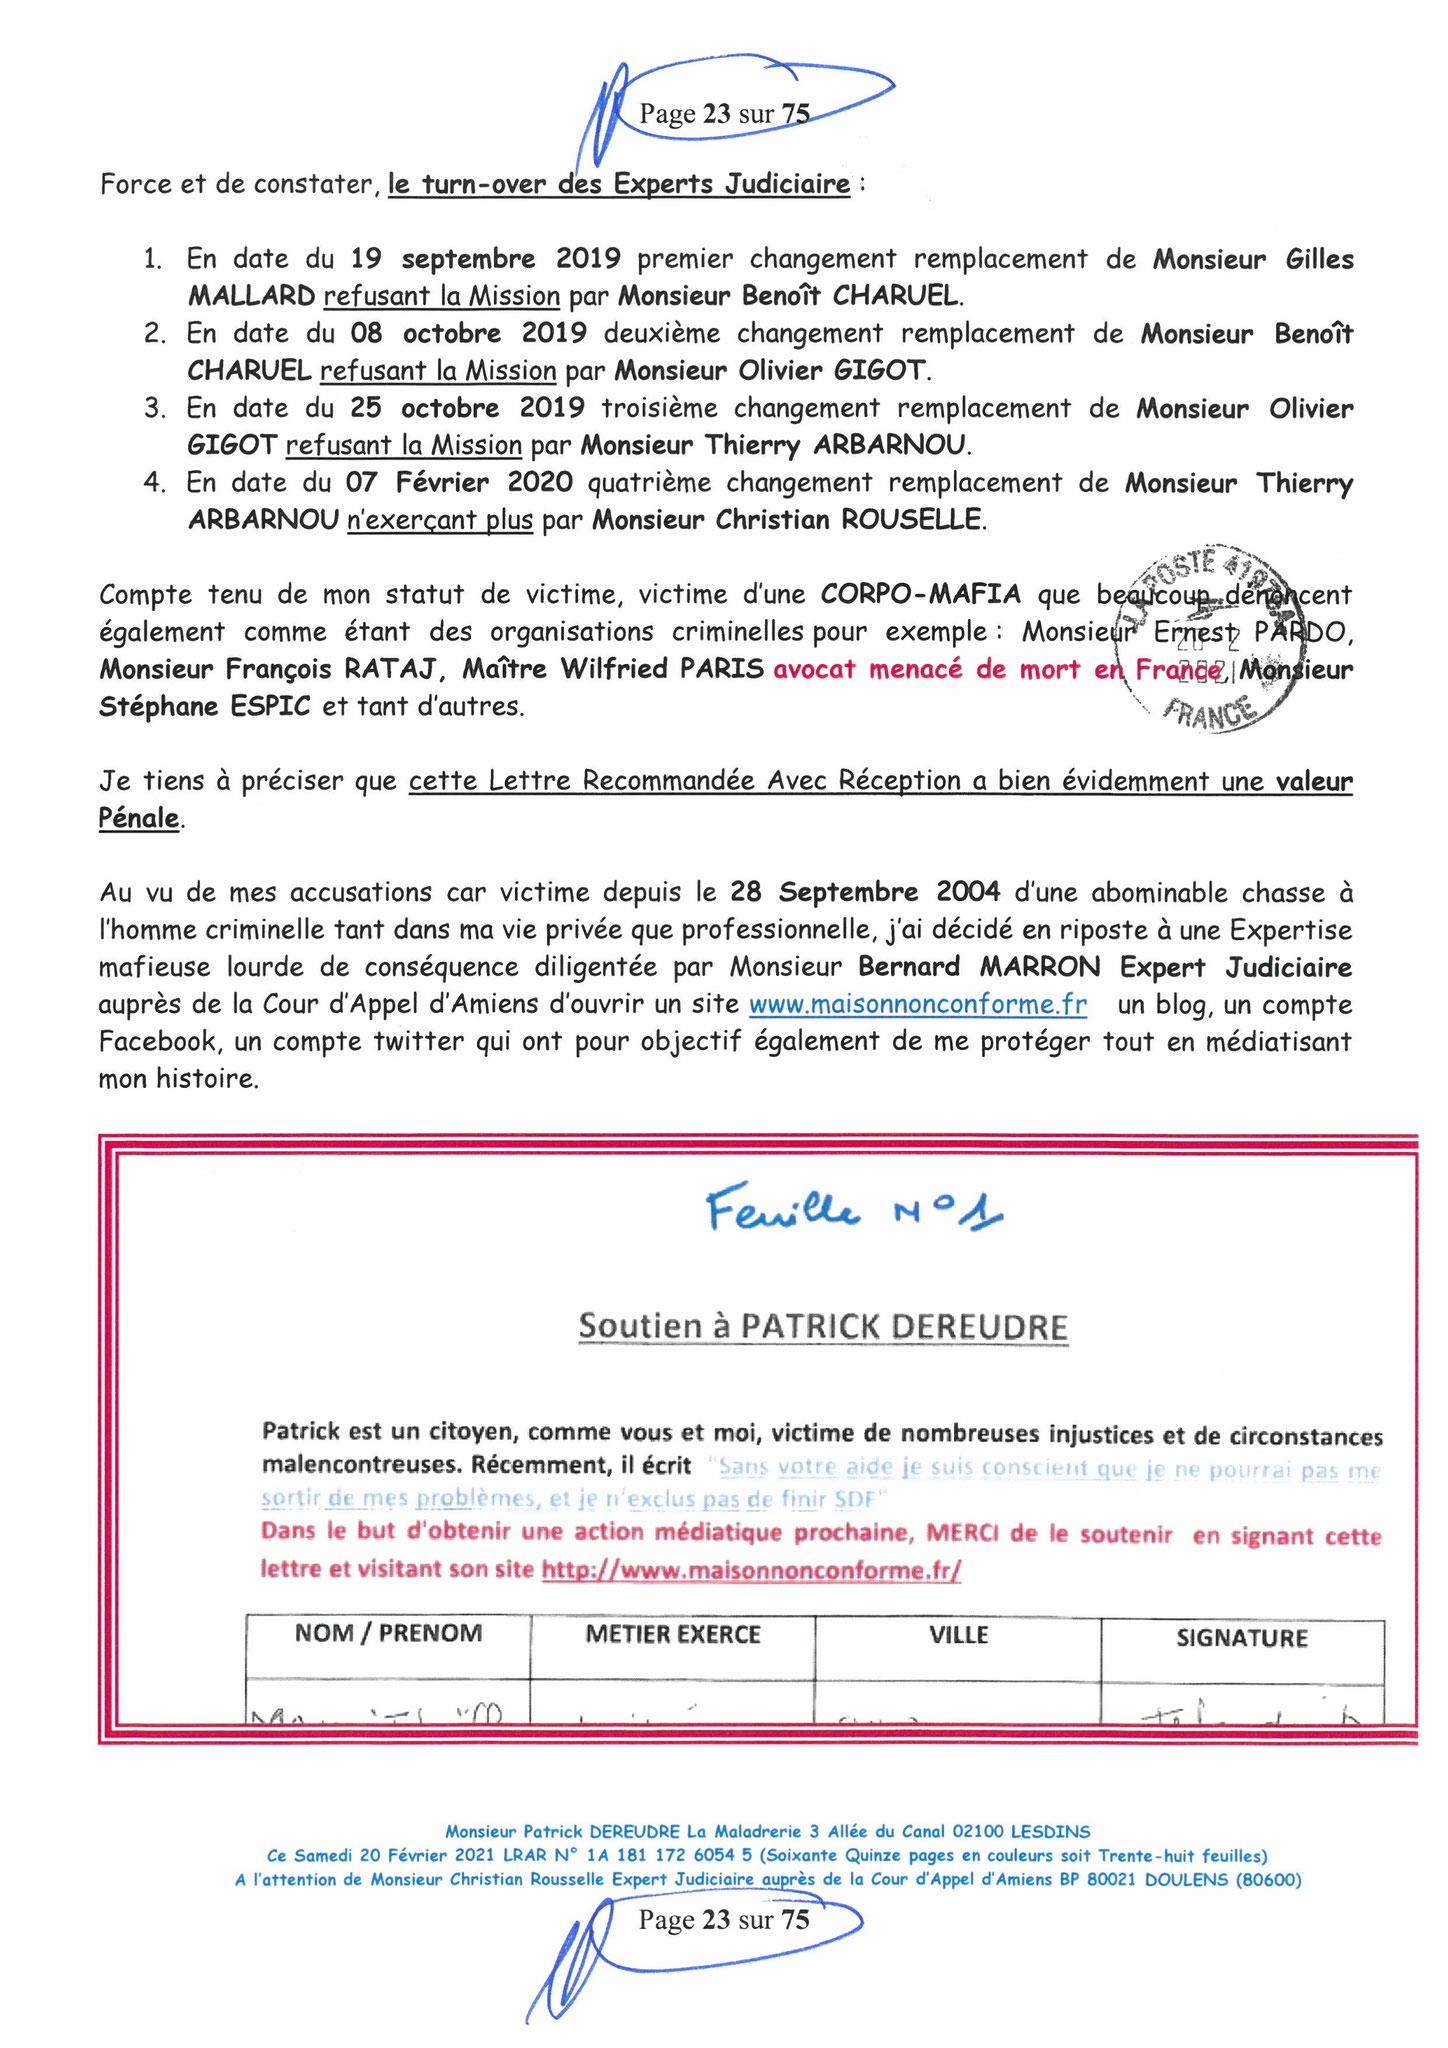 Page 23 Ma  Lettre Recommandée à Monsieur Christian ROUSSELLE Expert Judiciaire auprès de la Cour d'Appel d'Amiens Affaire MES CHERS VOISINS nos  www.jenesuispasunchien.fr www.jesuisvictime.fr www.jesuispatrick.fr PARJURE & CORRUPTION JUSTICE REPUBLIQUE